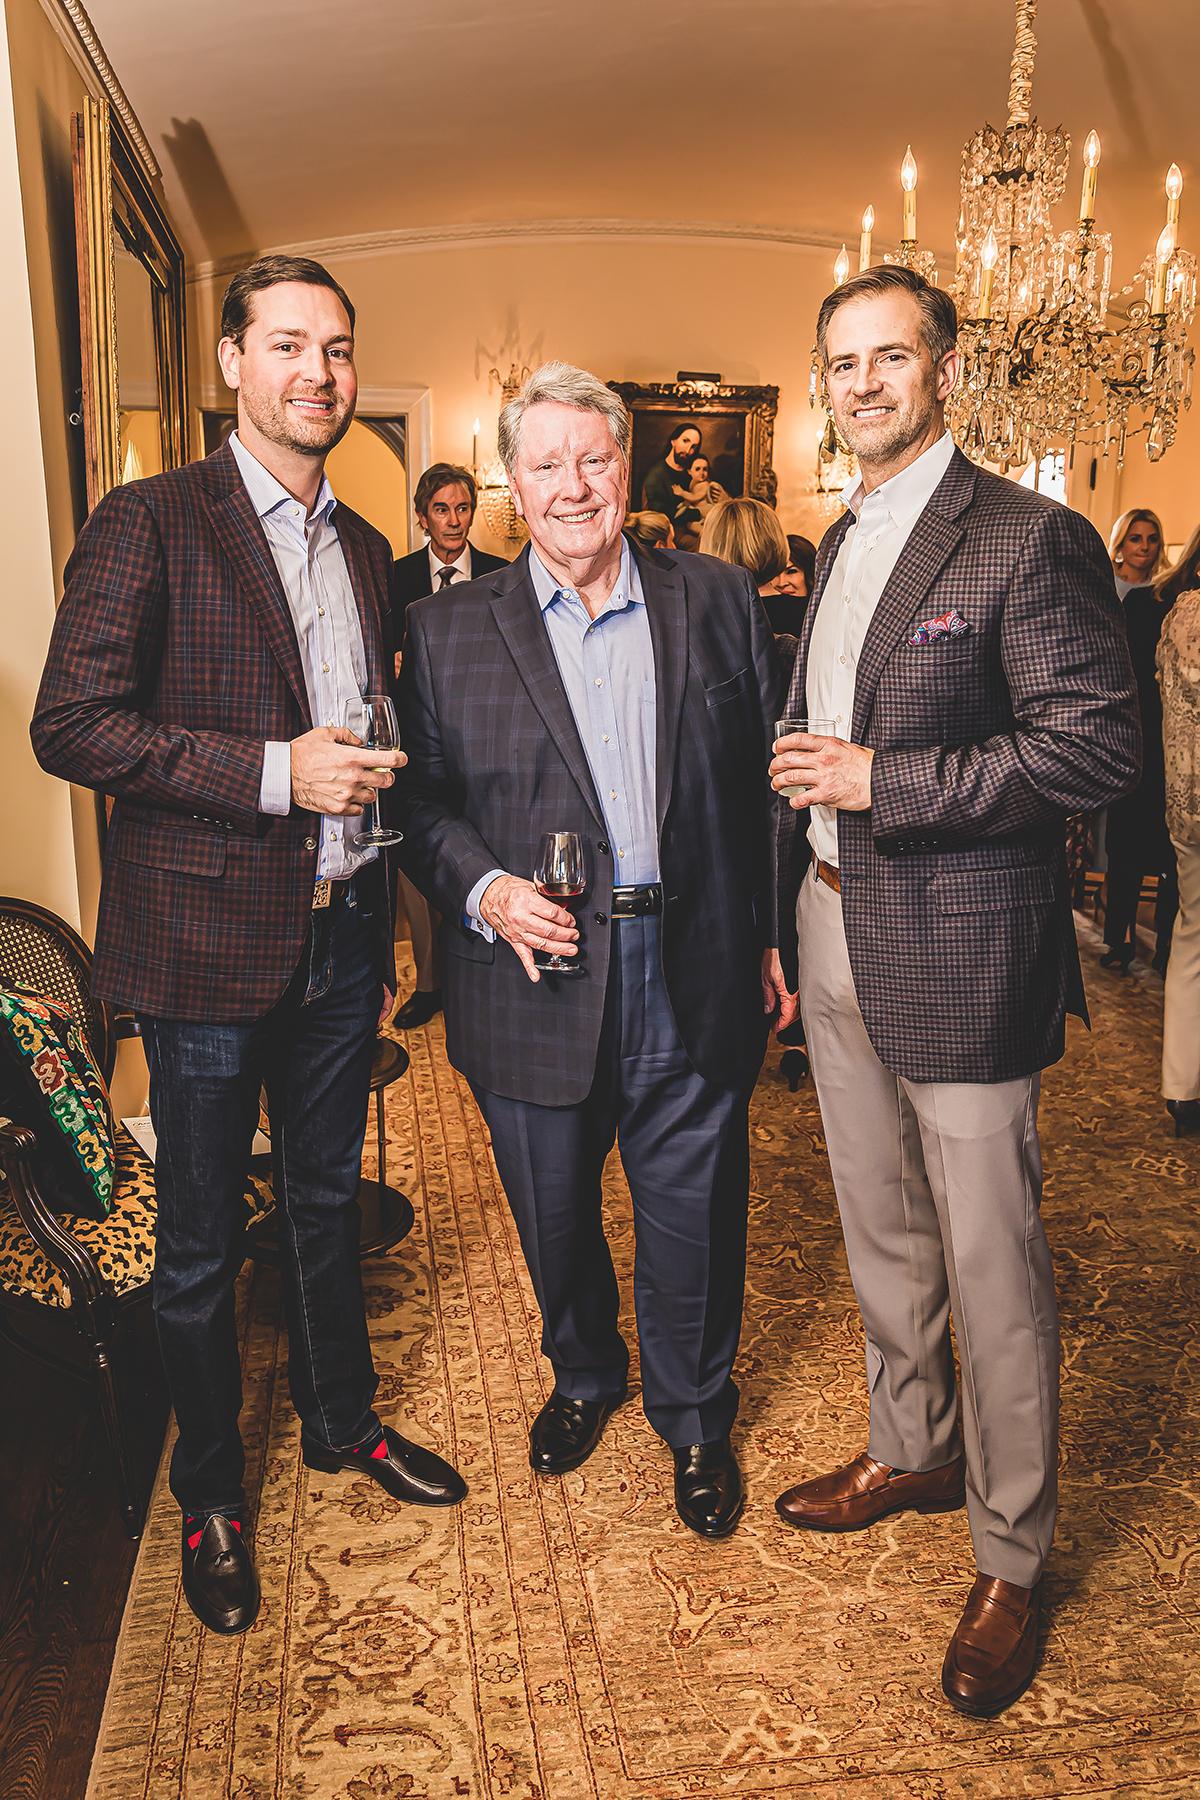 JB Richter, Corbett Christie and Ben Swaney